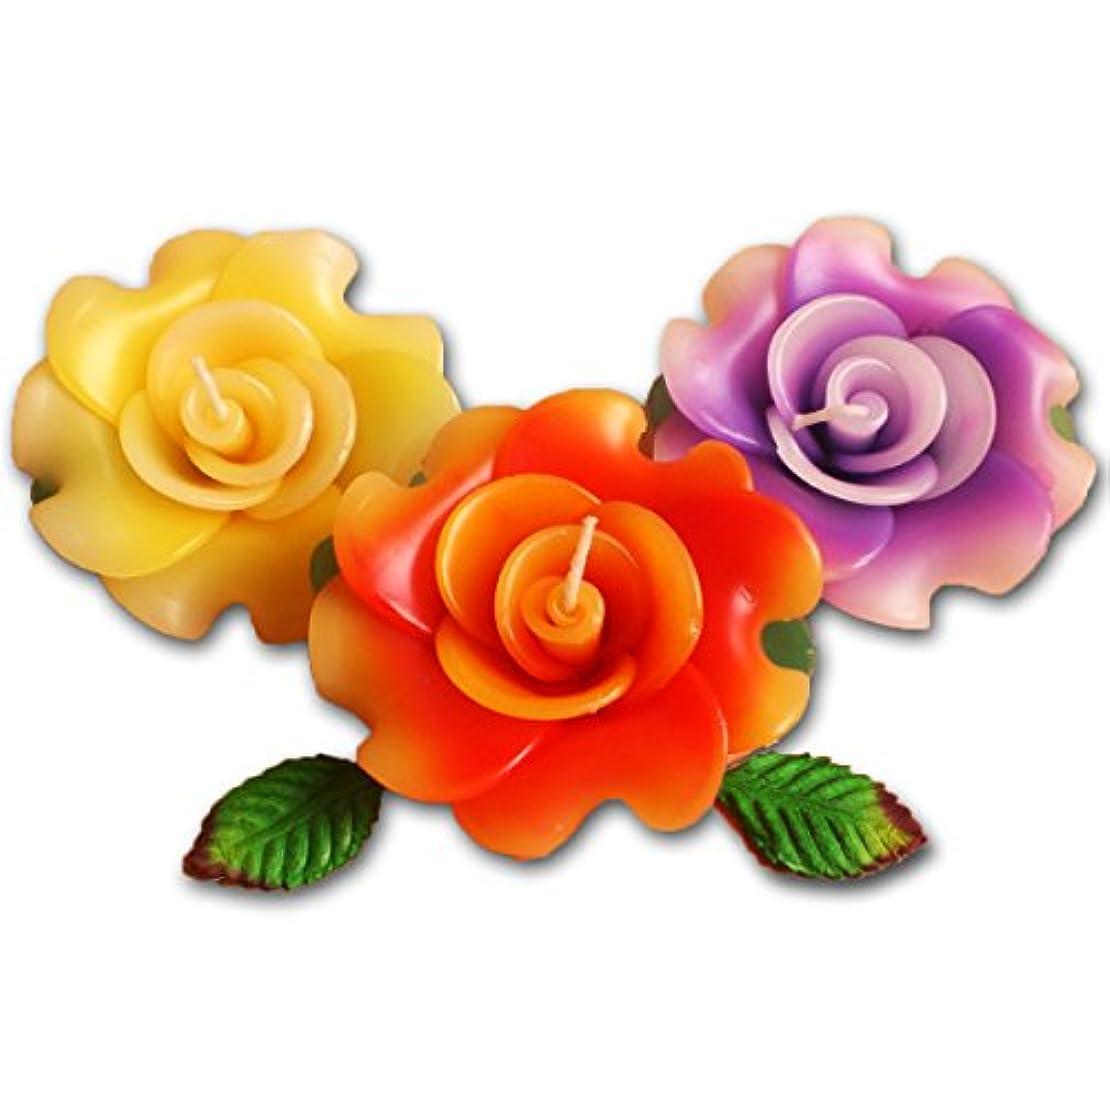 トーナメント地球慎重にフローティングキャンドル ローズ薔薇 12個入り アソート 香りつきアロマキャンドル 水に浮かぶ 退職ギフト 結婚式二次会プチギフト (12個入り)